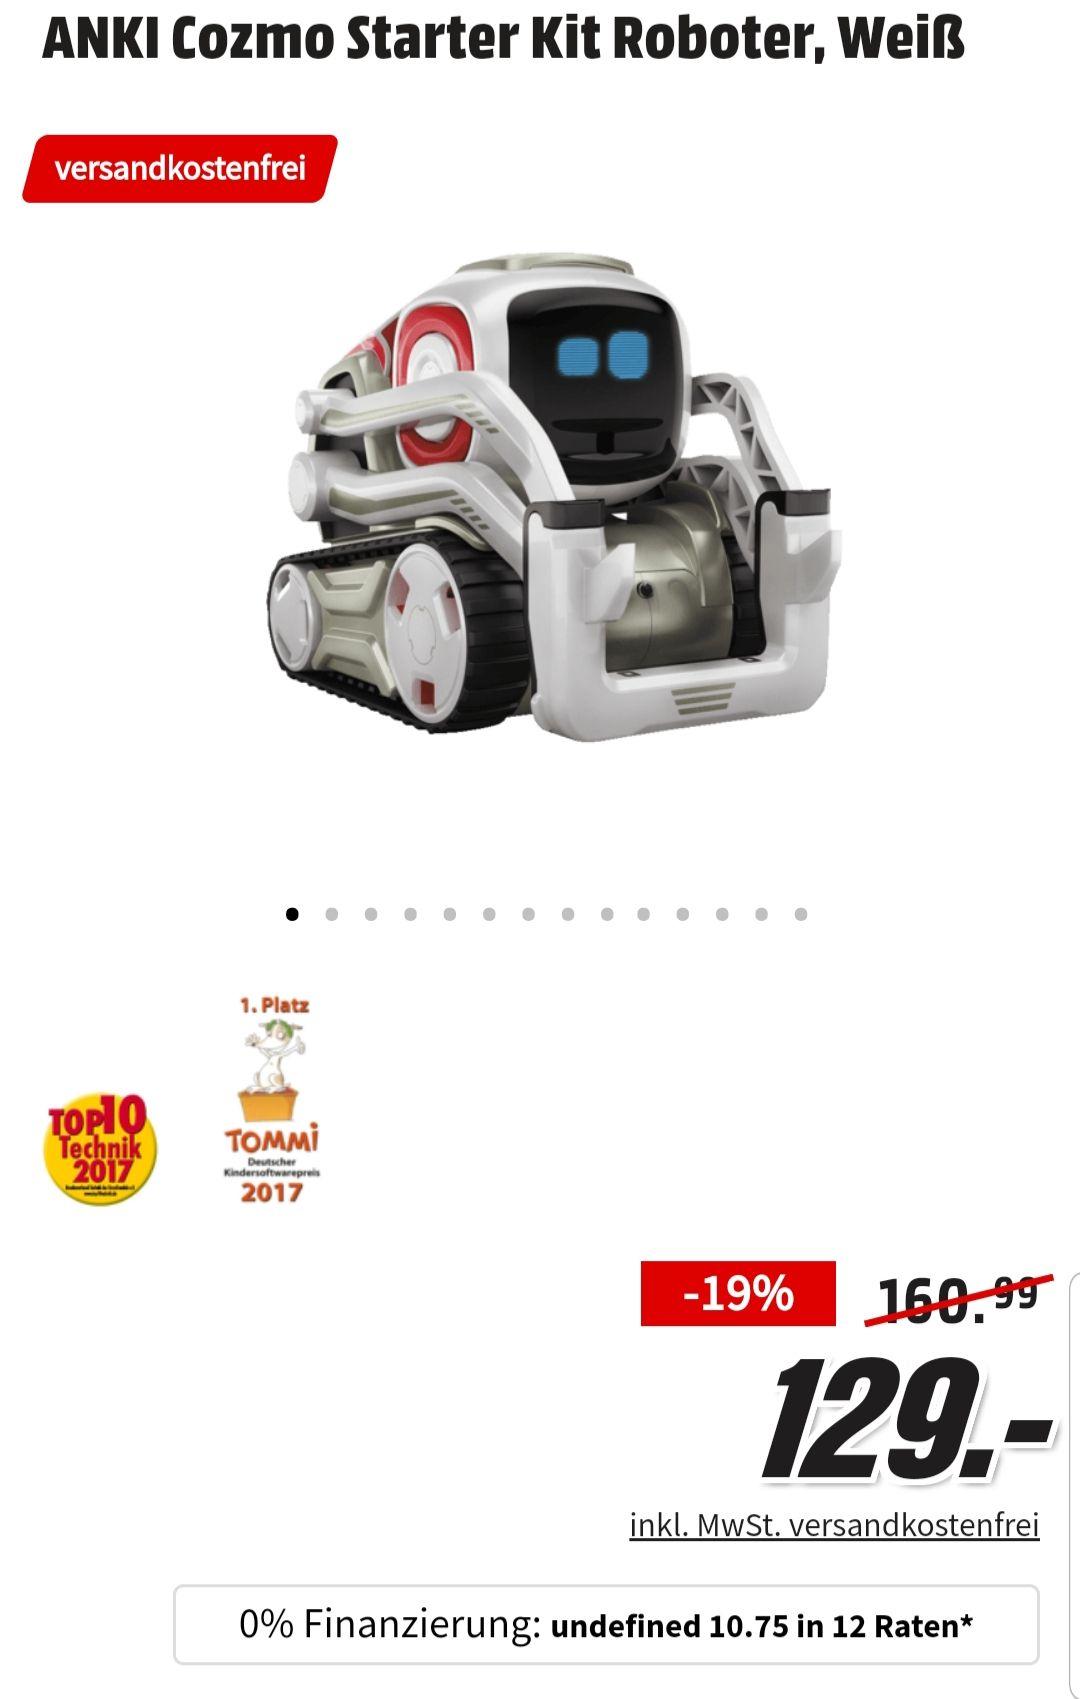 ANKI Cozmo Starter Kit Roboter in Weiß